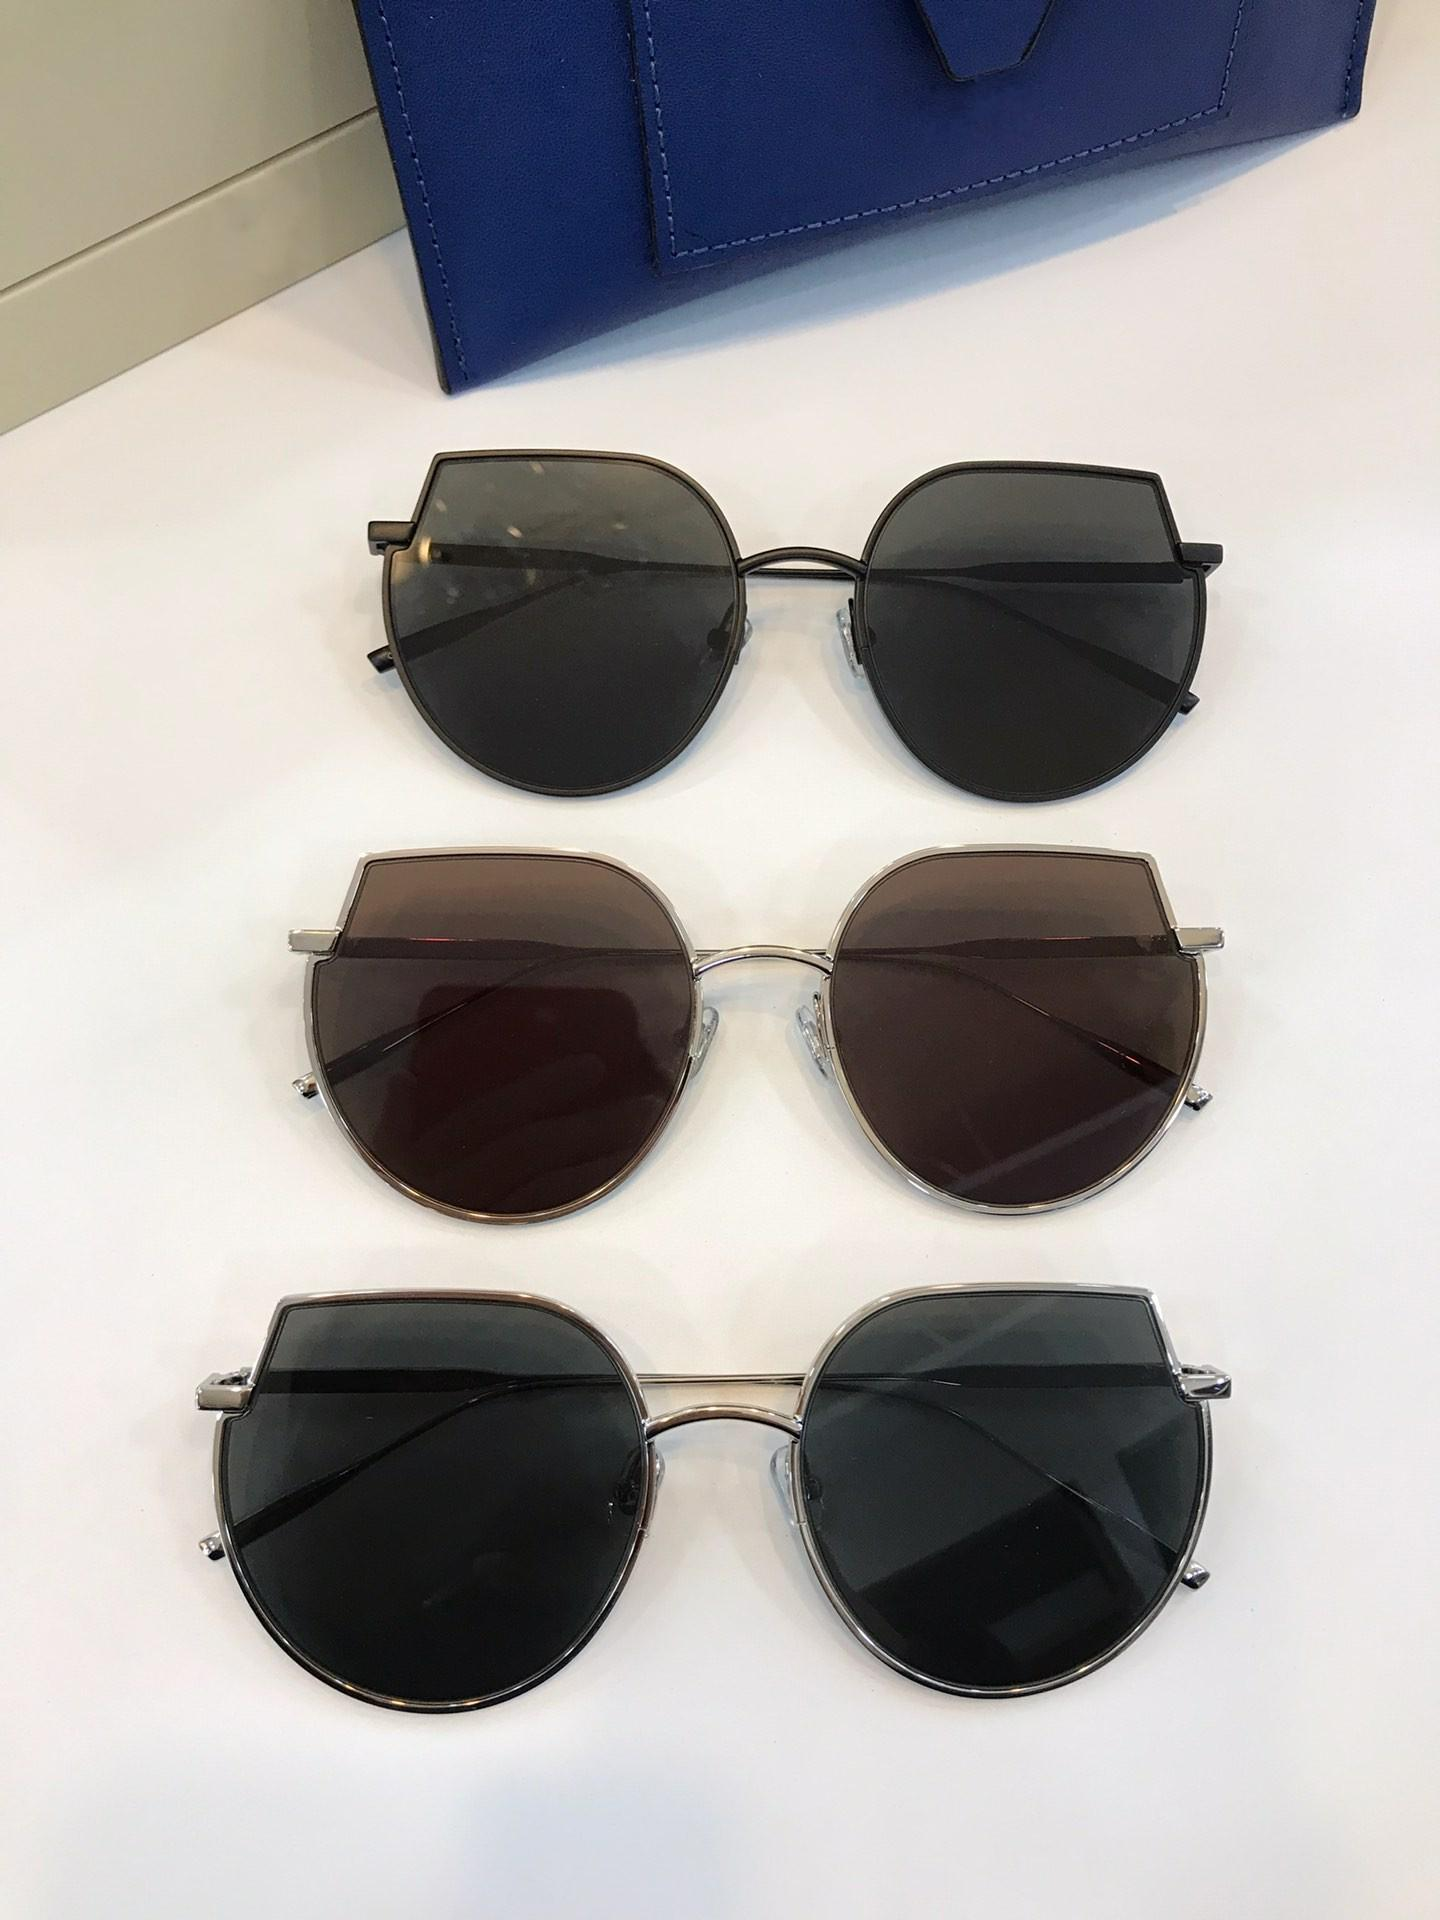 gafas de sol gafas de sol de los hombres de lujo para las gafas de sol mujeres hombres mujeres hombre gafas de diseño de marca para hombre gafas de sol oculos ELFCLIFF 11